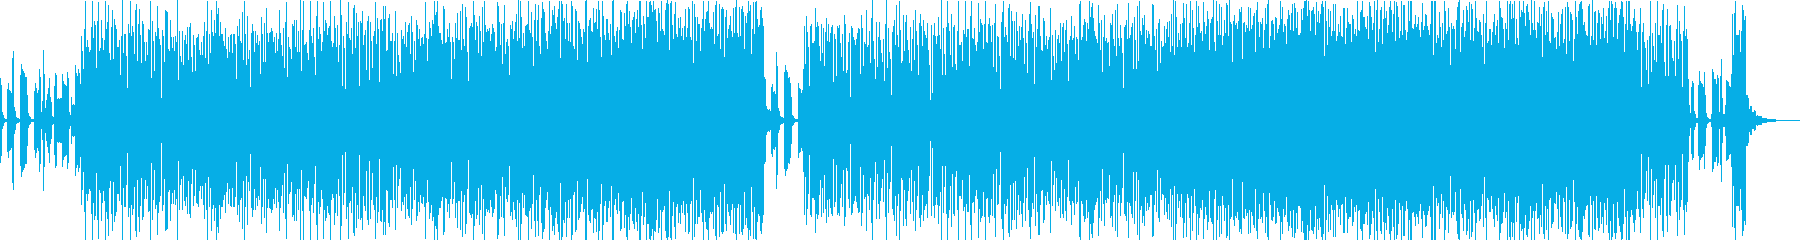 踊れるハイファイなファンクビートの再生済みの波形